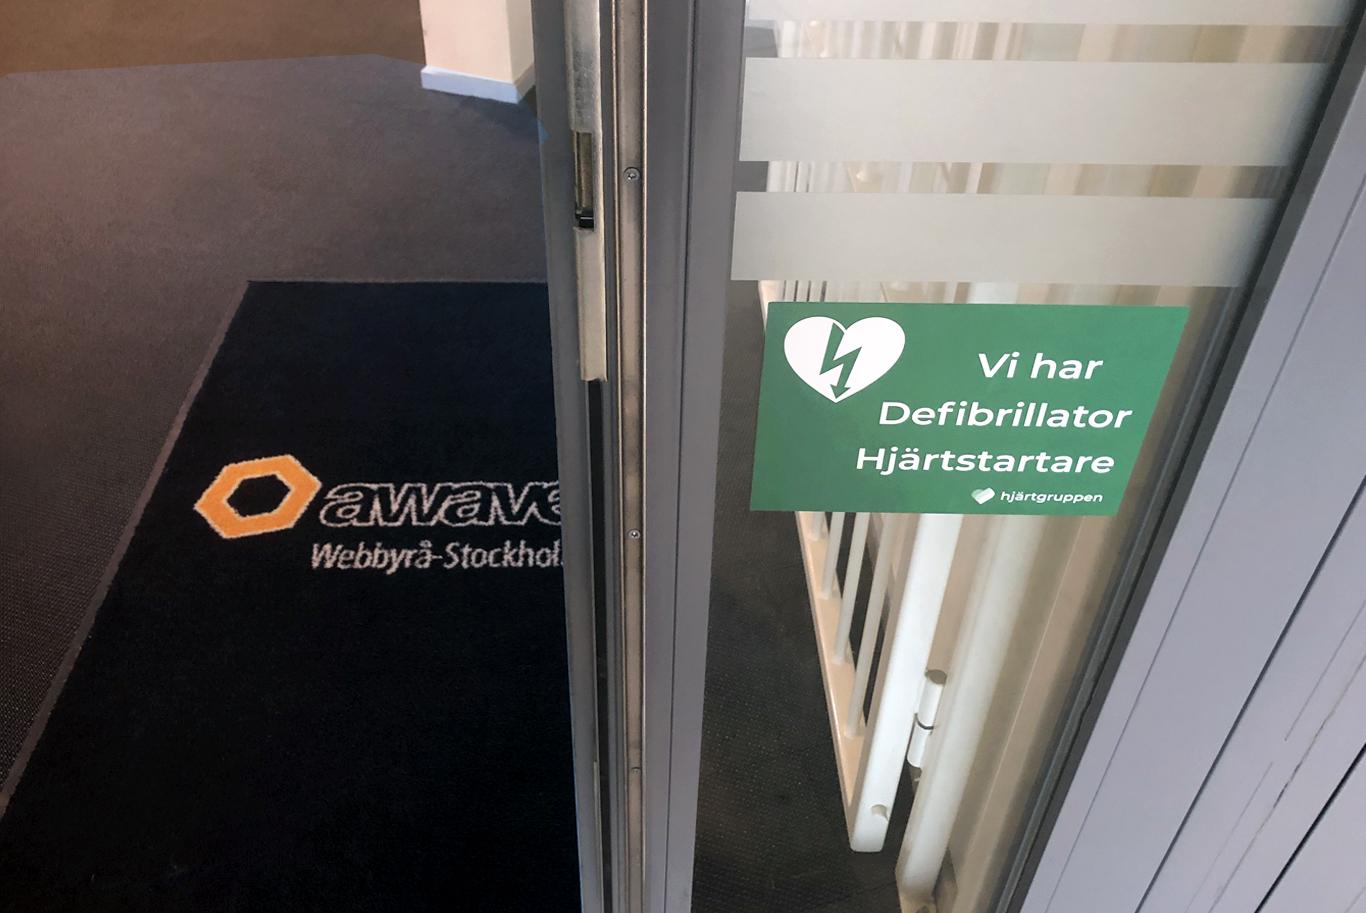 Awaves kontor har hjärtstartare